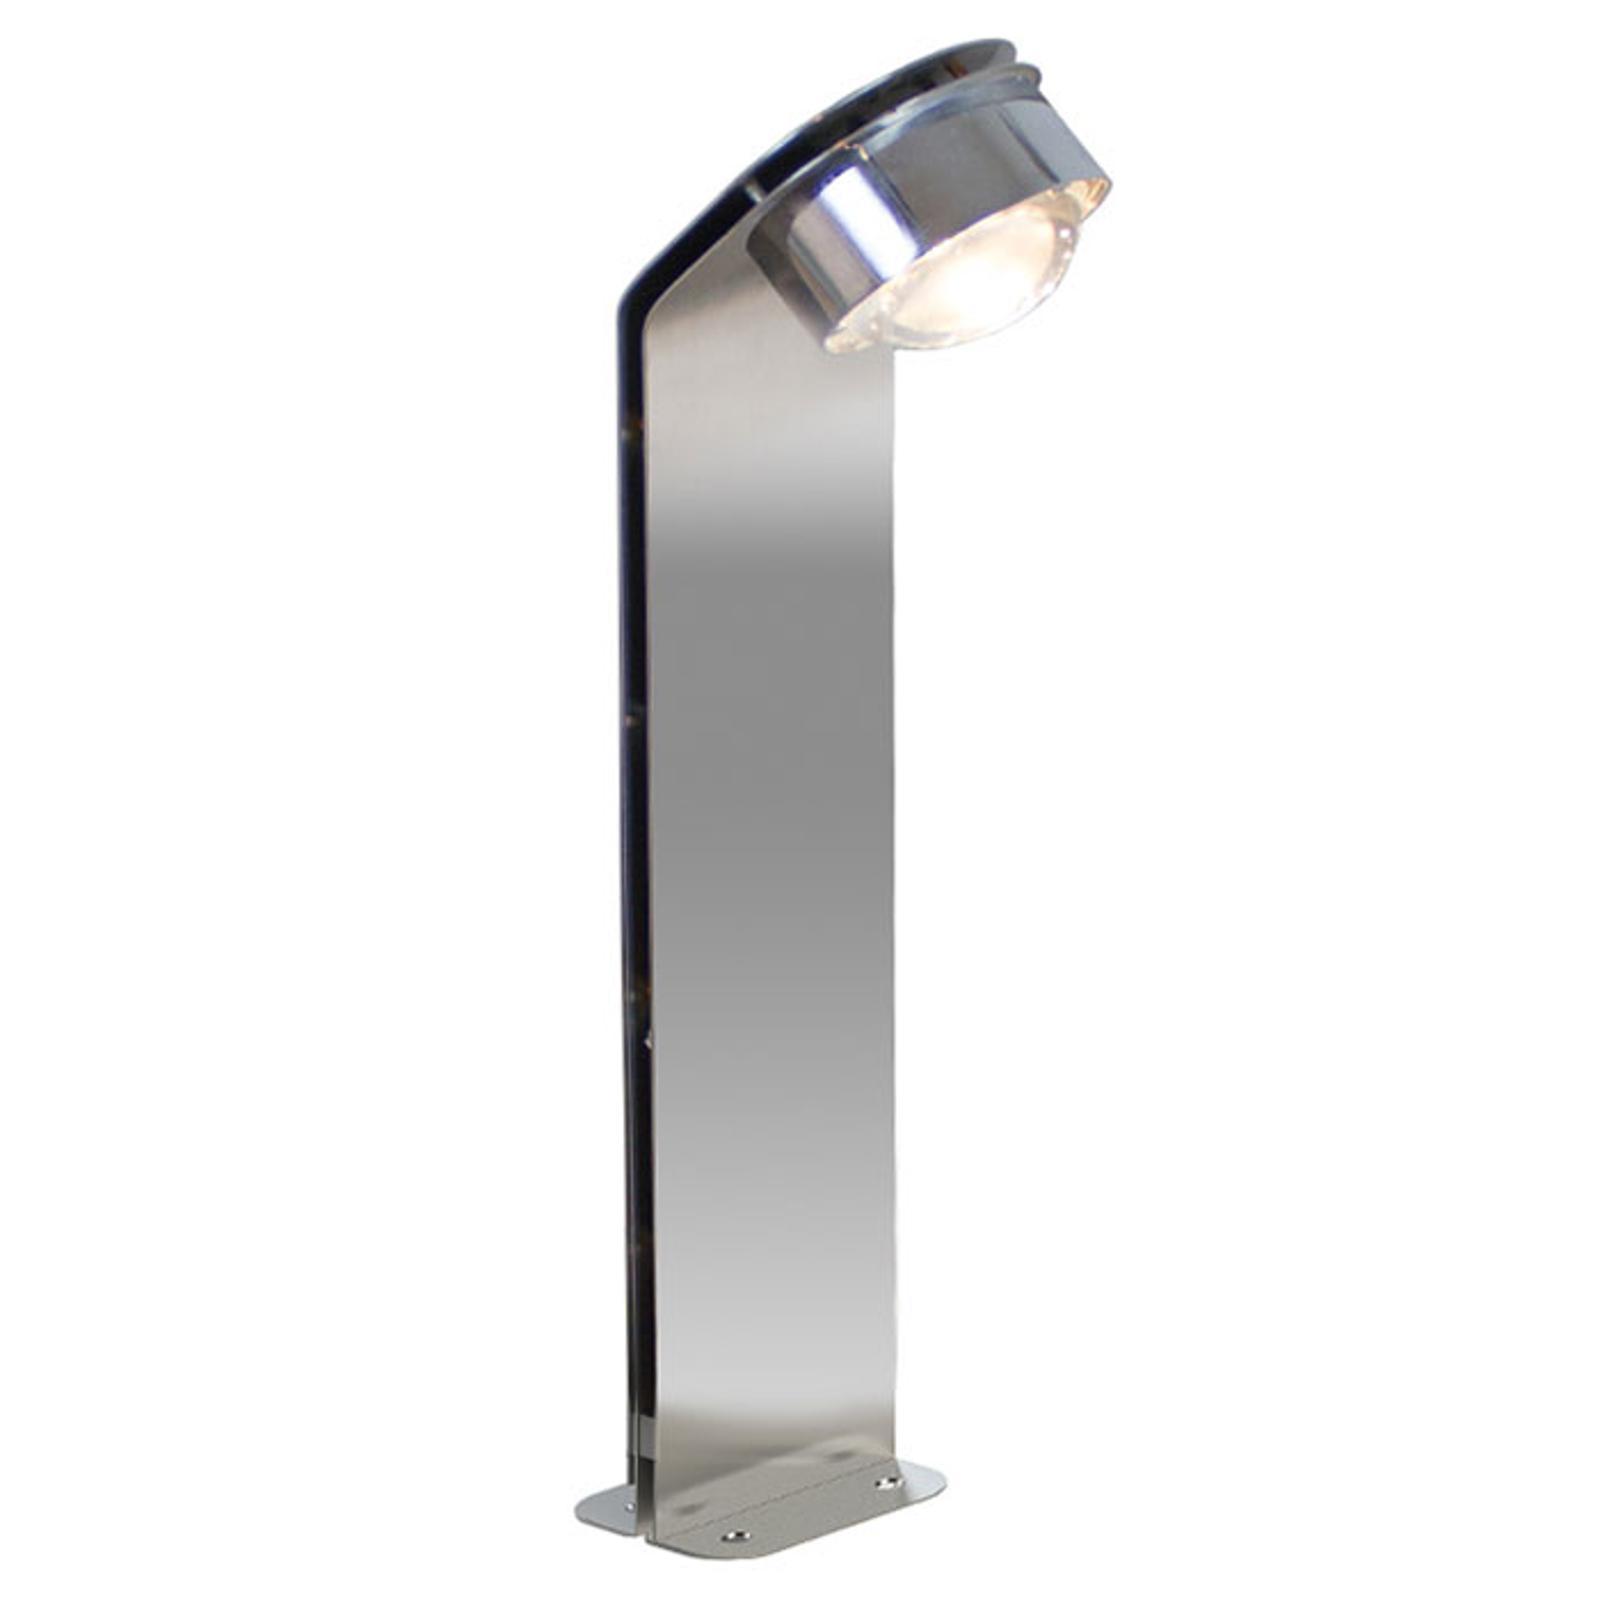 LED-pylväsvalaisin Puk Maxx Way II, teräs